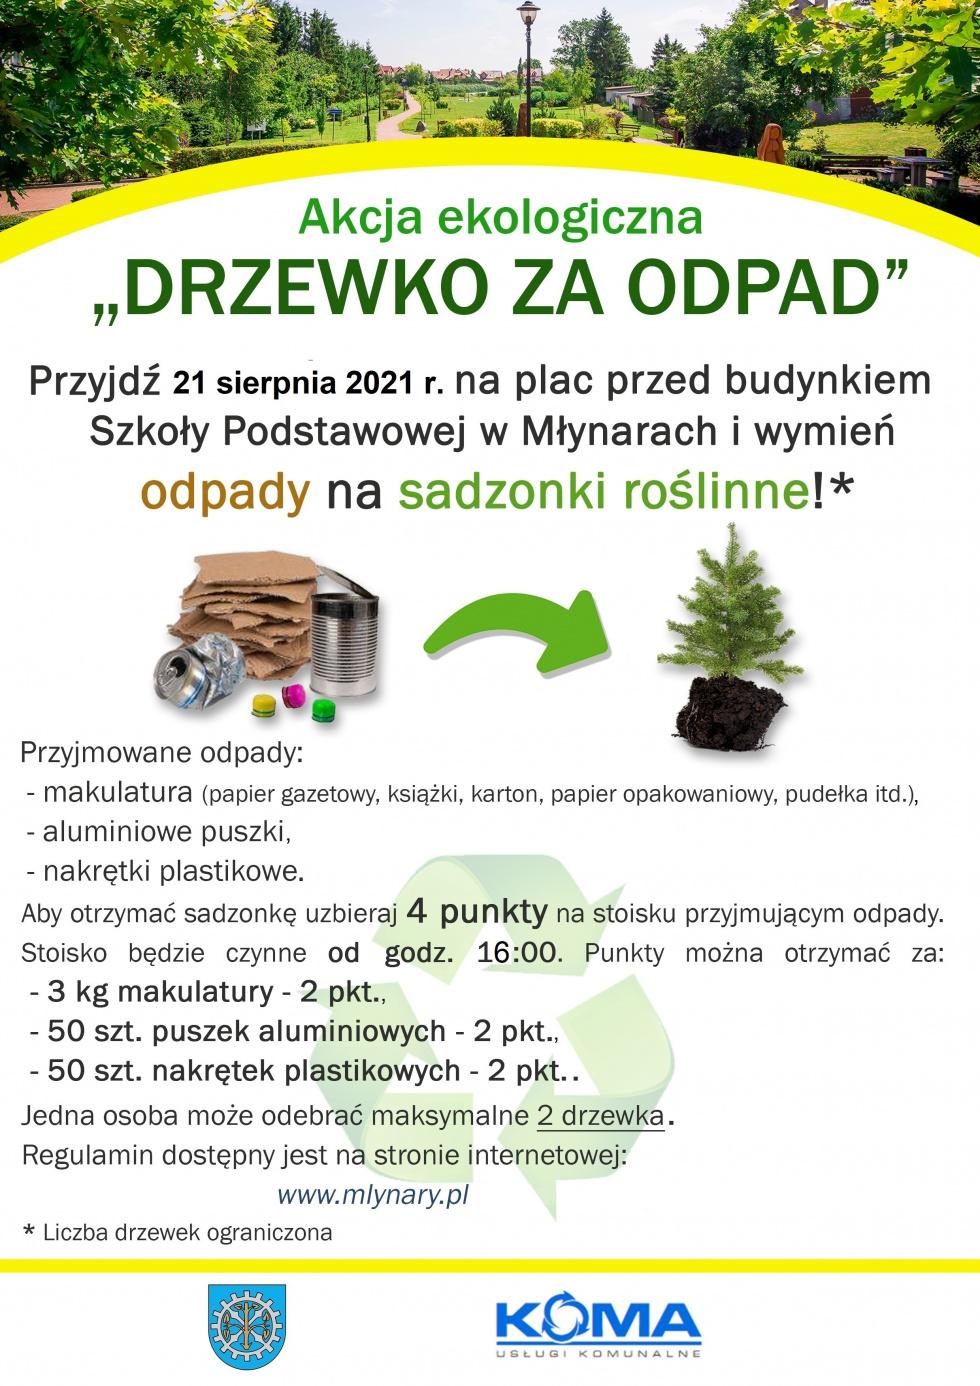 """Kolejna edycja akcji ekologicznej """"Drzewko za odpad"""""""